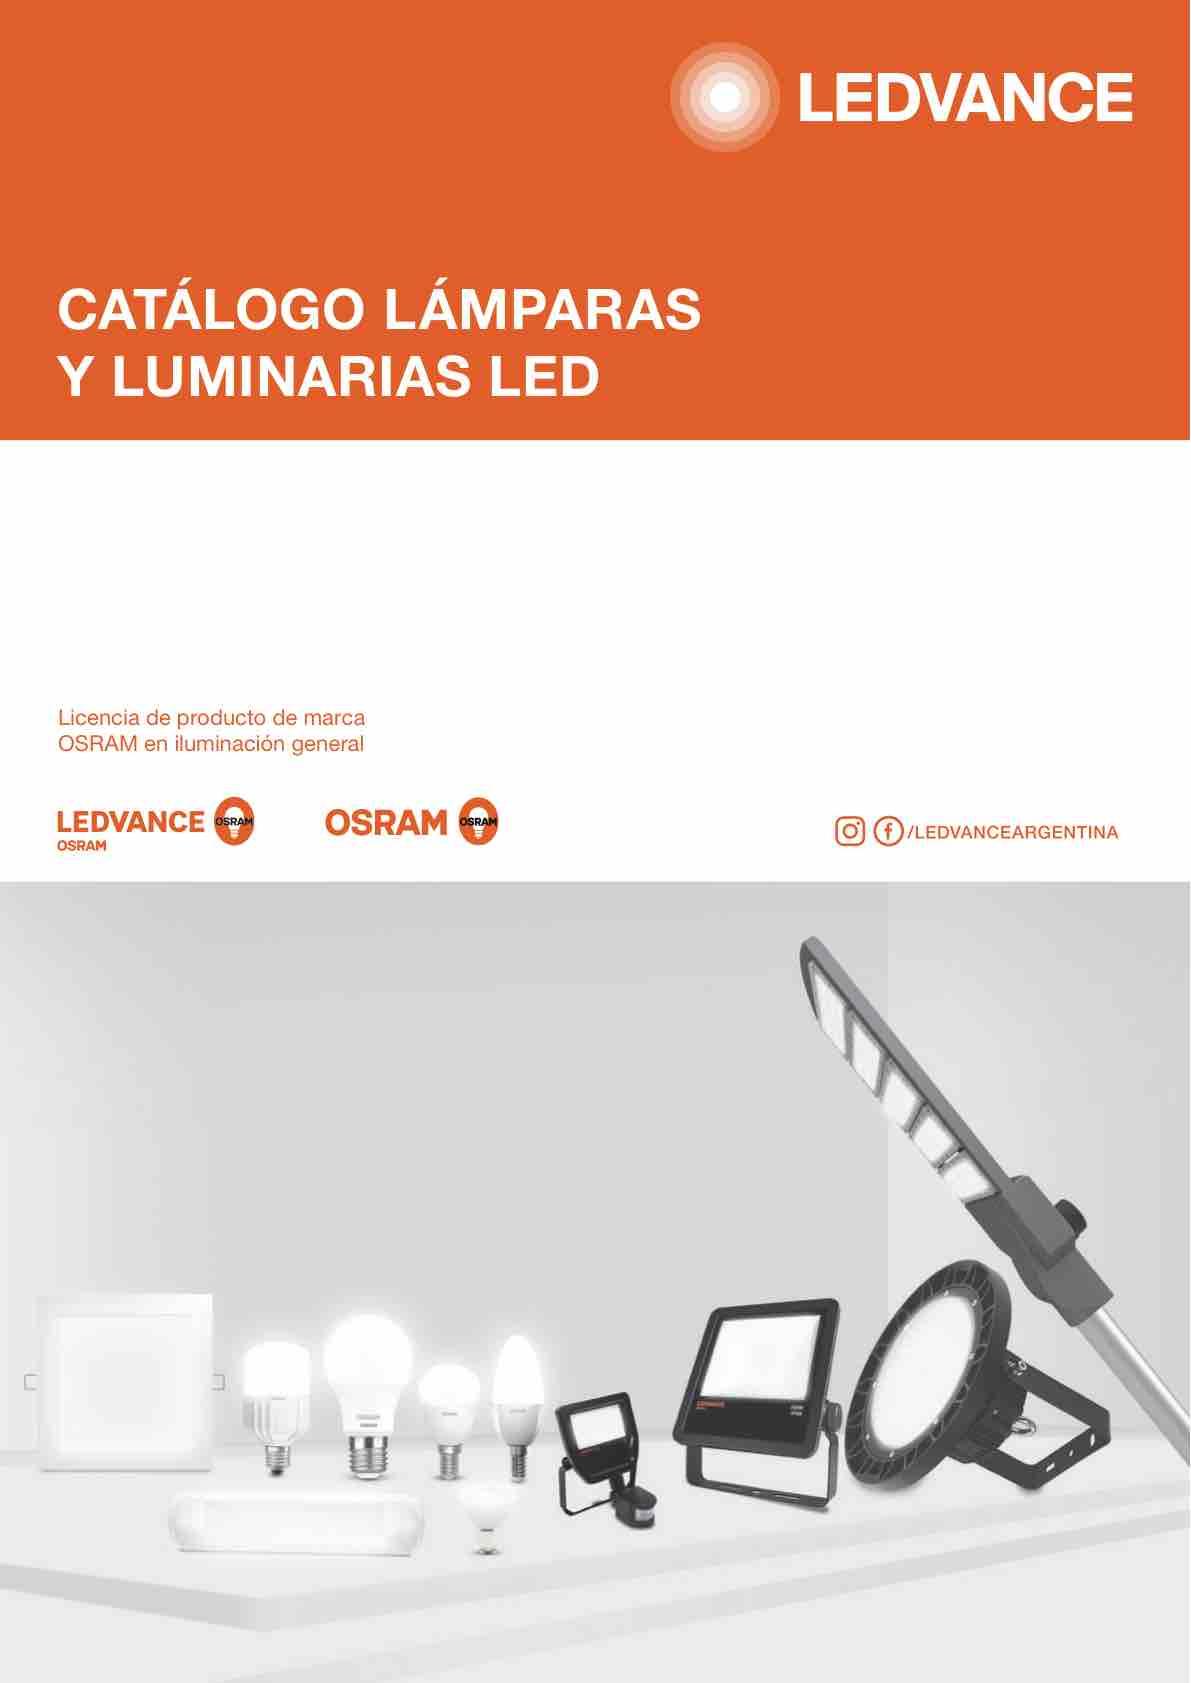 Catálogo de Luminarias y LED Lámparas wOP0nk